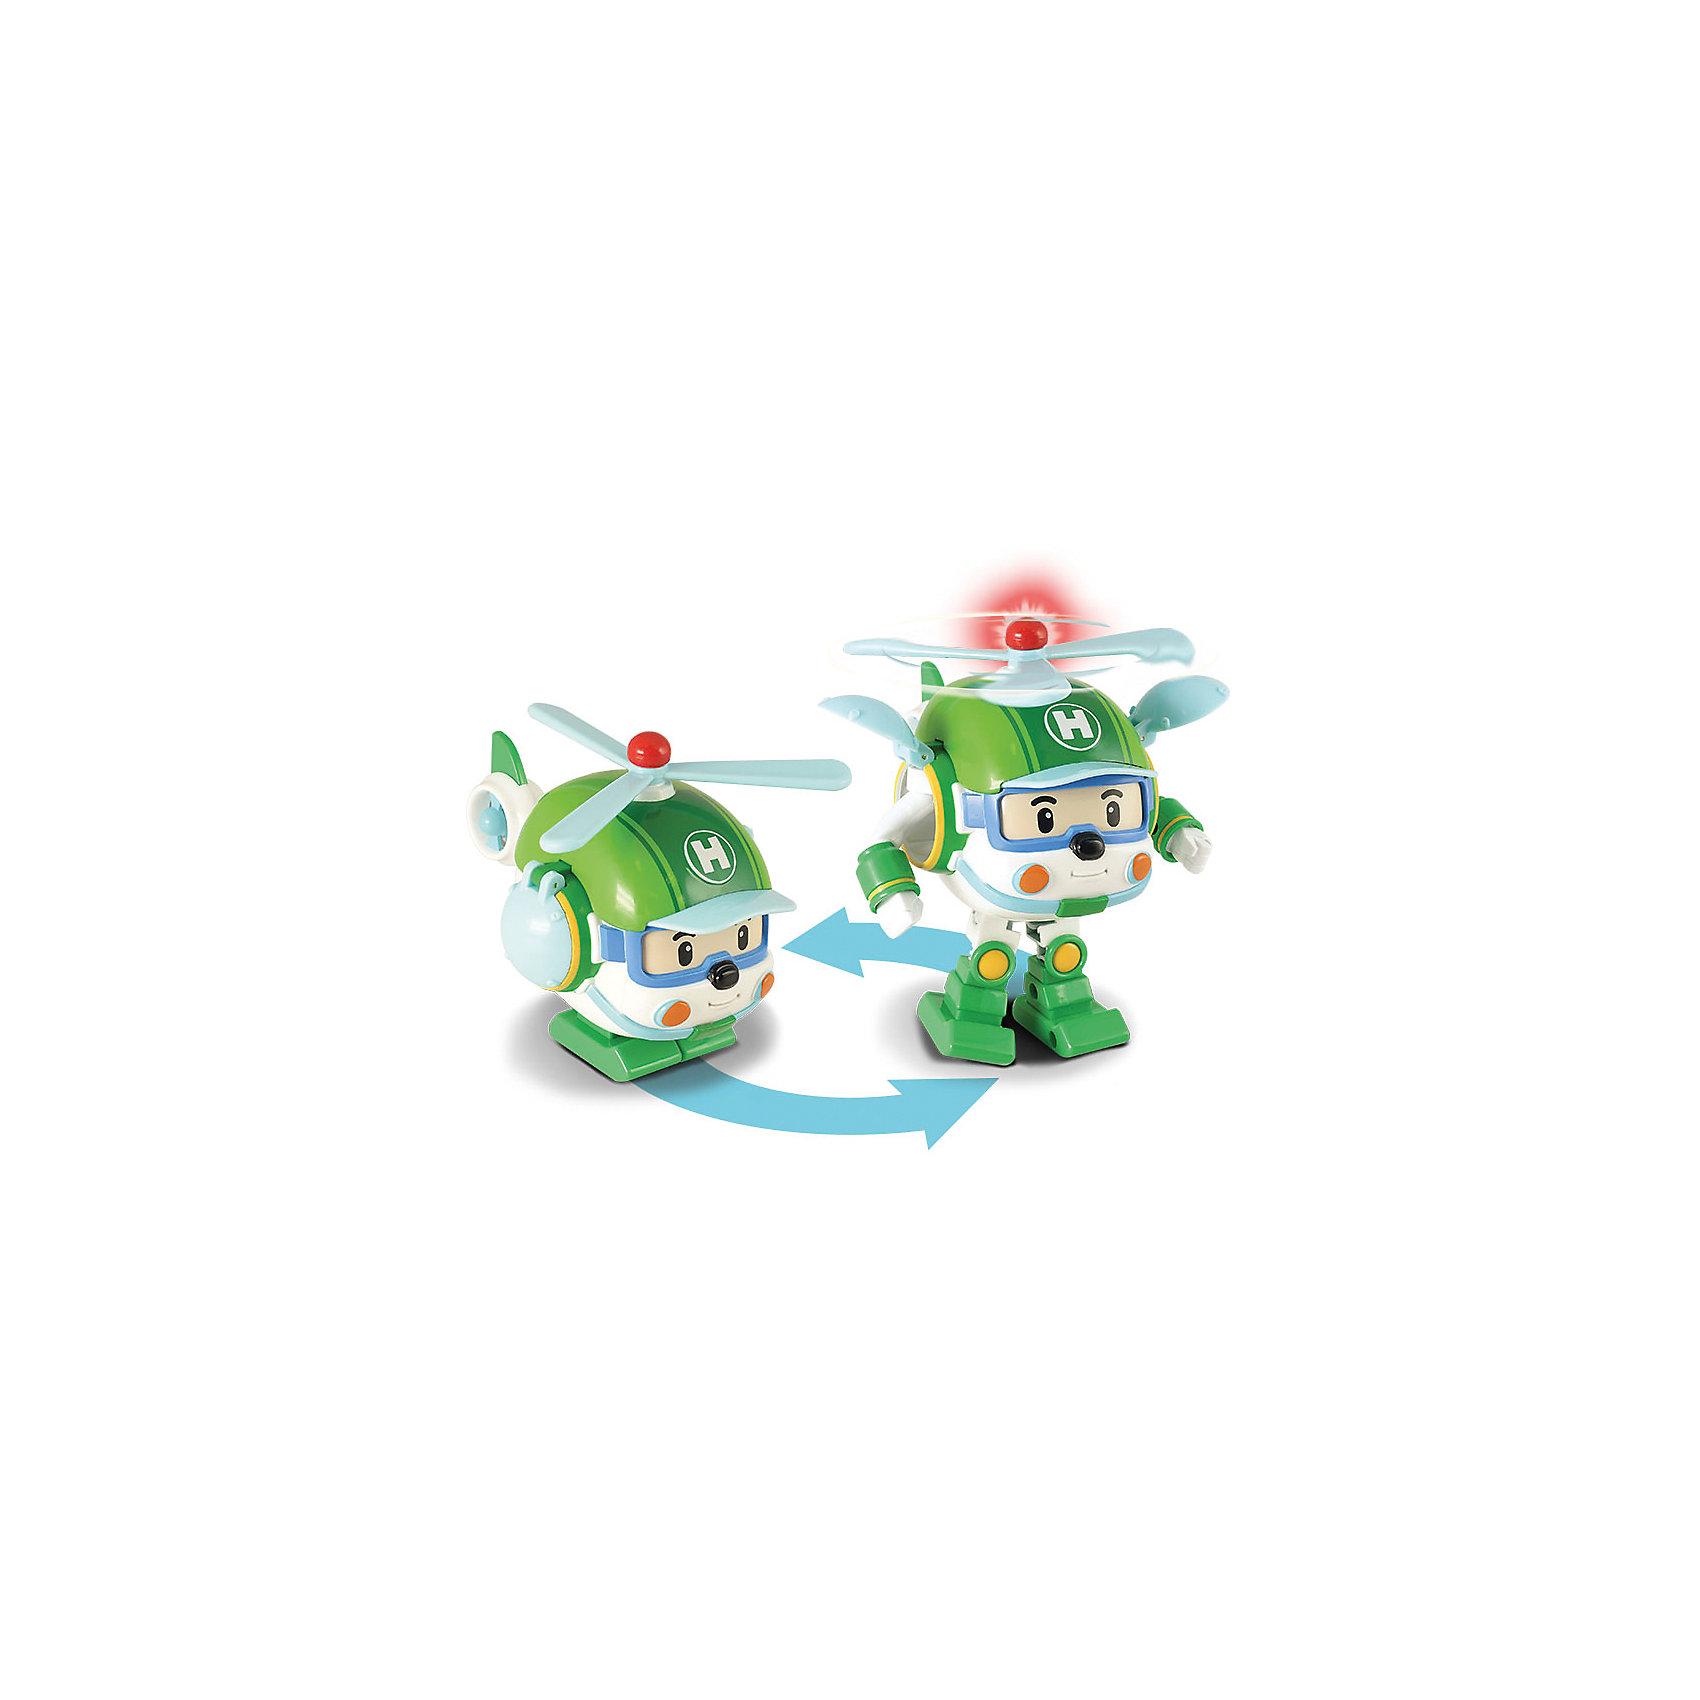 Хэли-трансформер (свет + инструменты), 12,5 см, Робокар ПолиРобокар Поли (Robocar Poli) -  добрый, интересный мультфильм про жителей удивительного города Брумстауна. В главных ролях команда отважных машинок-спасателей. Каждый малыш мечтает получить фигурки любимых героев в подарок! Хэли - важный участник операций по спасению! Он первый вылетает, чтобы узнать обстановку и предупредить остальных. Хэли отважный, веселый и ничего не боится. При необходимости он может превратиться из вертолета в робота и обратно. Играть с роботами-трансформерами не только интересно, но и очень полезно, ведь это развивает координацию и внимание. Играть с Хэли будет еще интереснее, ведь он может включить свет сирены, а ручки и ножки у него подвижны. Отважный Хэли летит на вызов не с пустыми руками:  камера, фотоаппарат помогут правильно оценить ситуацию с воздуха. Соберите всю коллекцию из серии Робокар Поли (Robocar Poli) и пускайтесь с любимыми героями в захватывающие приключения!<br><br>Дополнительная информация:<br><br>- В комплекте: робот-трансформер Хэли, фотоаппарат, видеокамера;<br>- Световая мигалка;<br>- Пропеллер крутится, руки и ноги подвижны;<br>- Вертолет с инерционным механизмом;<br>- Робот легко трансформируется в вертолет и обратно вручную; <br>- Светодиодная подсветка мигалки включается при движении Хэли;<br>- Необходимы батарейки: 2хAG13 (LR44) в комплекте;<br>- Материал: пластик;<br>- Размер вертолета: 12,5 см, робота: 12,5 см;<br>- Вес: 300 г<br><br>Хэли-трансформера (свет + инструменты), 12,5 см, Робокар Поли (Robocar Poli) можно купить в нашем интернет-магазине.<br><br>Ширина мм: 200<br>Глубина мм: 130<br>Высота мм: 170<br>Вес г: 300<br>Возраст от месяцев: 36<br>Возраст до месяцев: 84<br>Пол: Унисекс<br>Возраст: Детский<br>SKU: 4033637